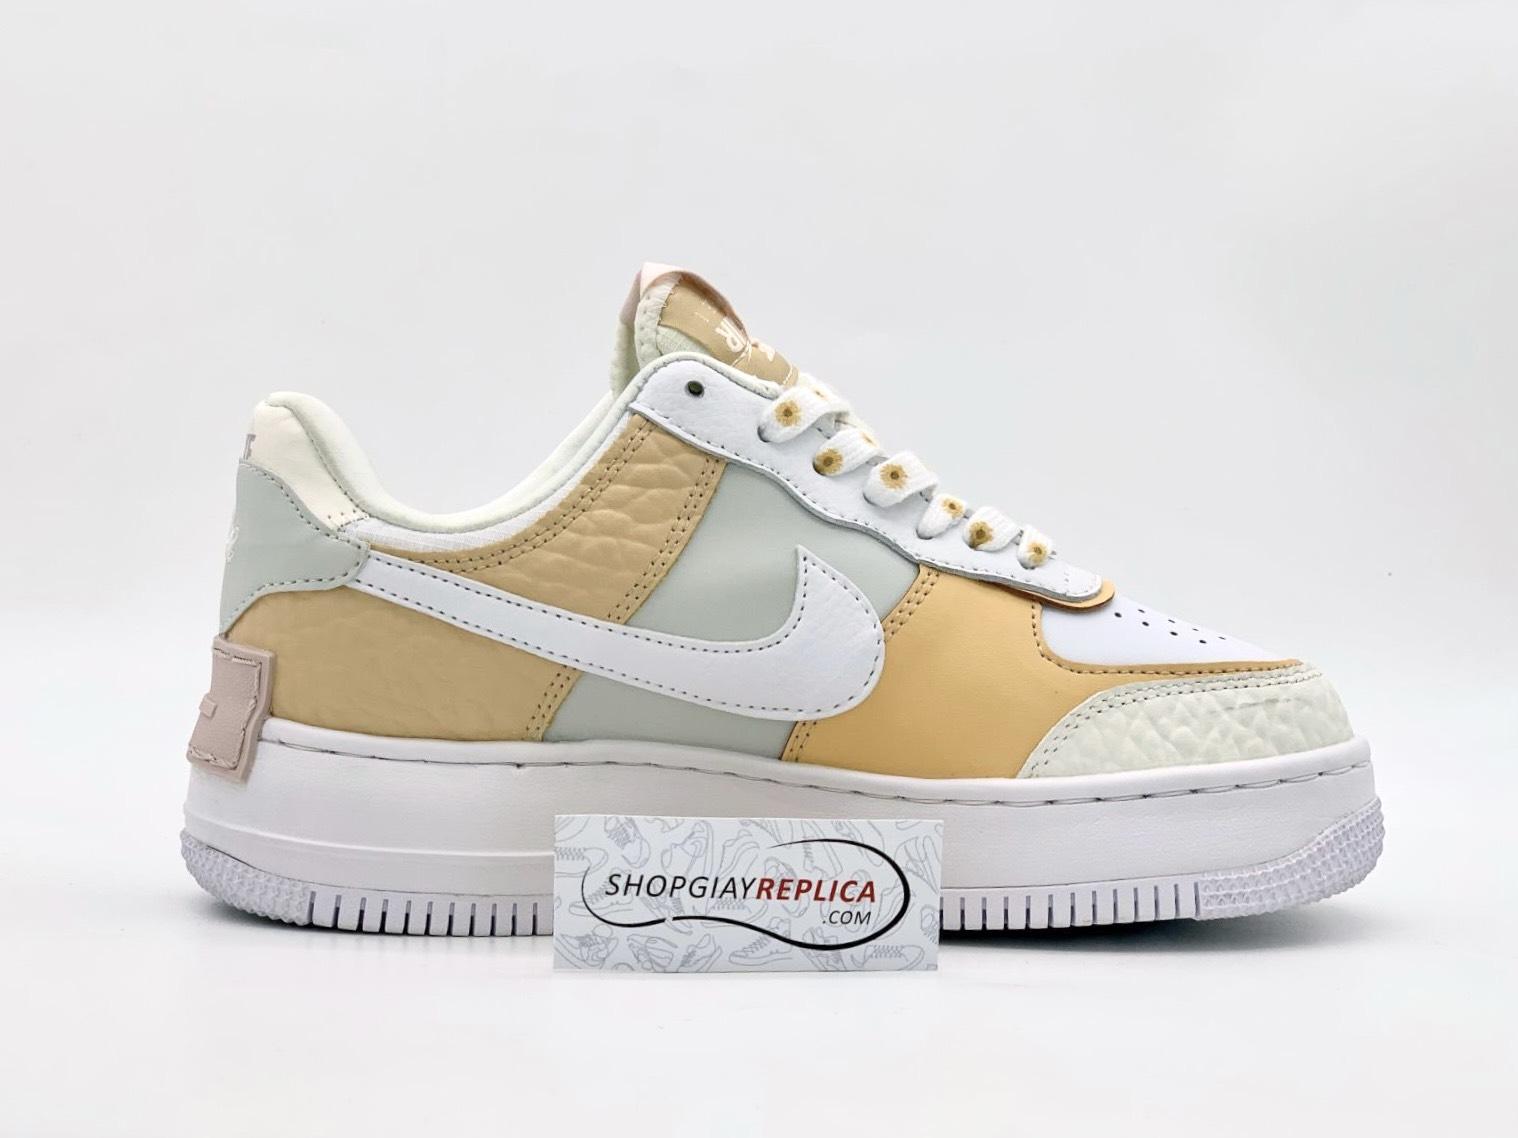 Giày Nike AF1 Shadow 'Daisy' Spruce Aura